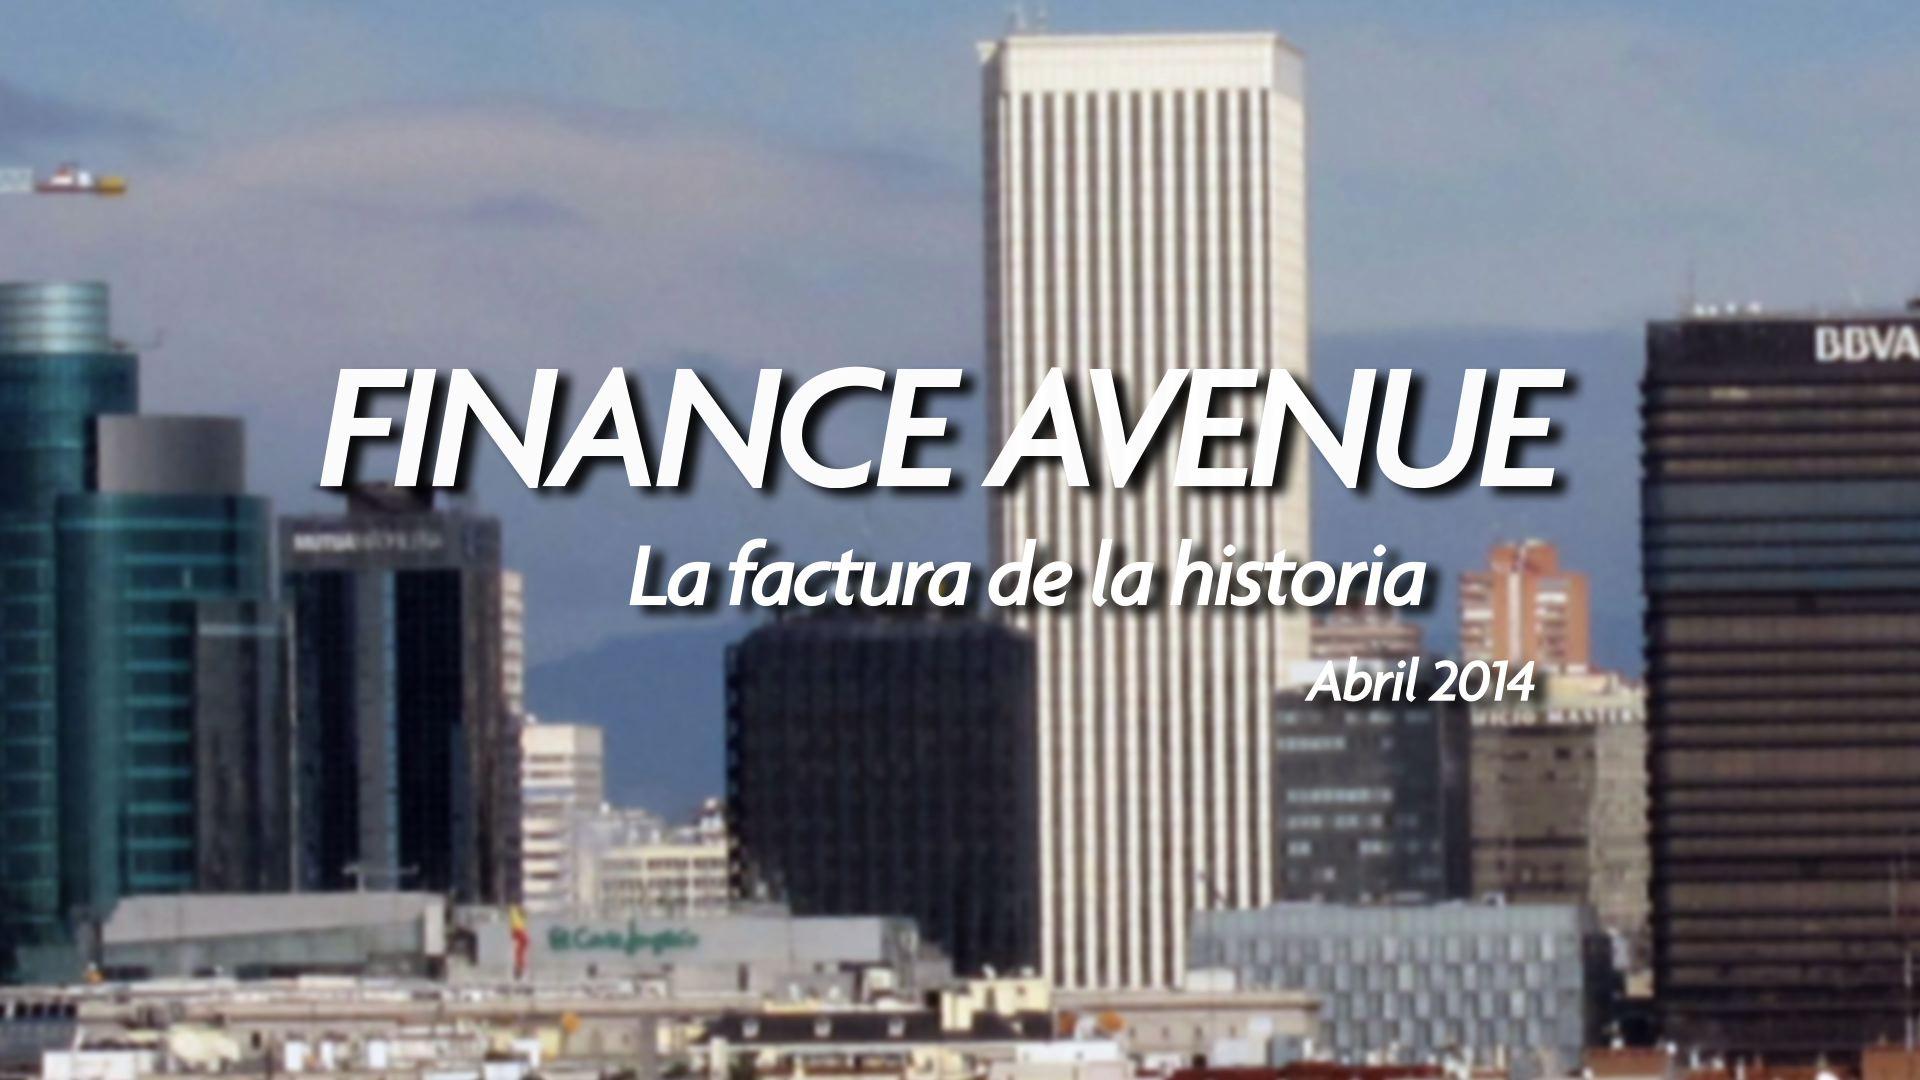 La factura de la Historia #FinanceAvenue